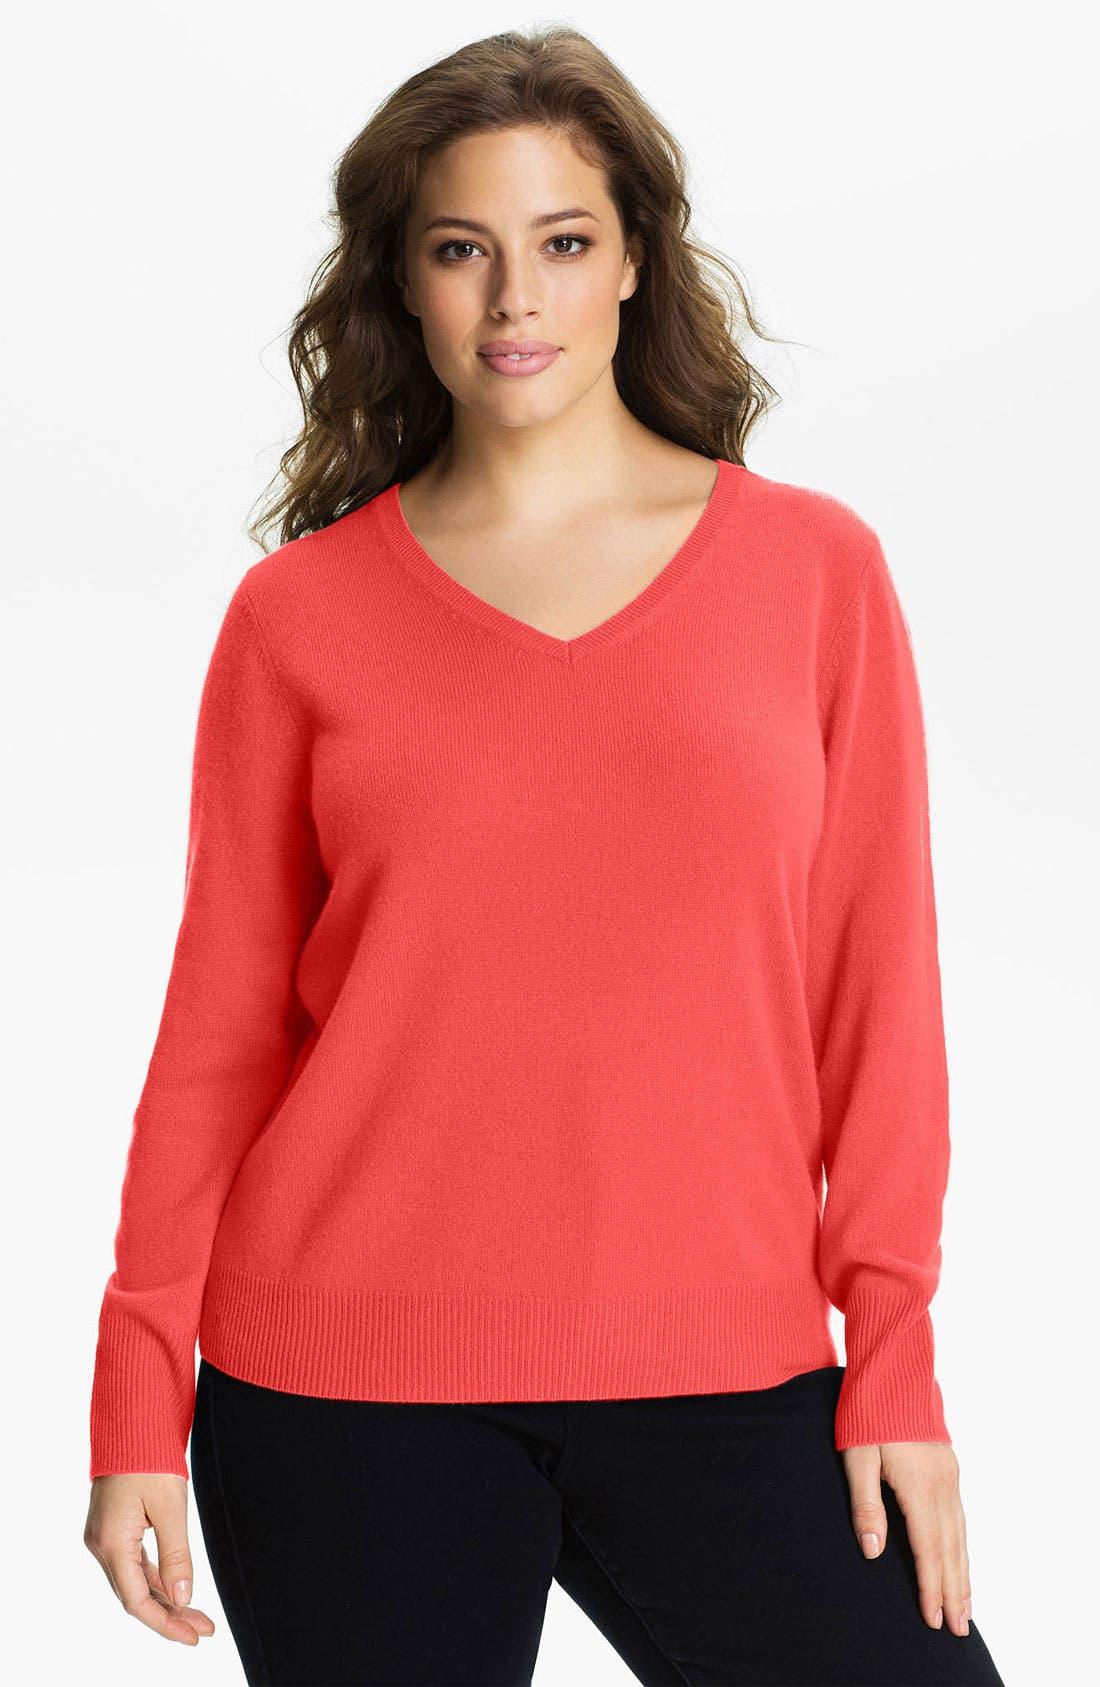 Alternate Image 1 Selected - Halogen® V-Neck Cashmere Sweater (Plus)